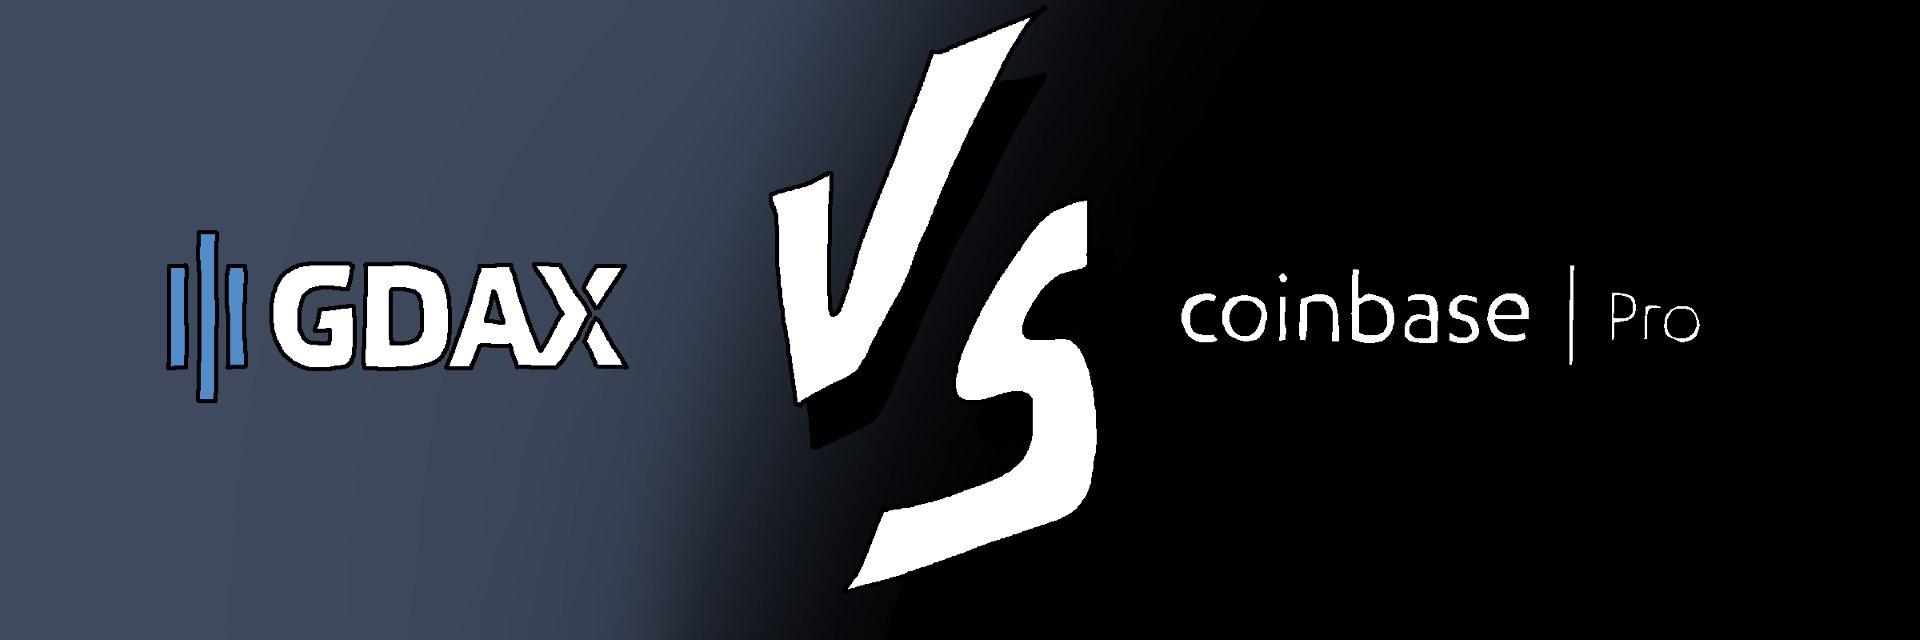 Coinbase, nền tảng giao dịch GDAX tuyên bố hỗ trợ SegWit